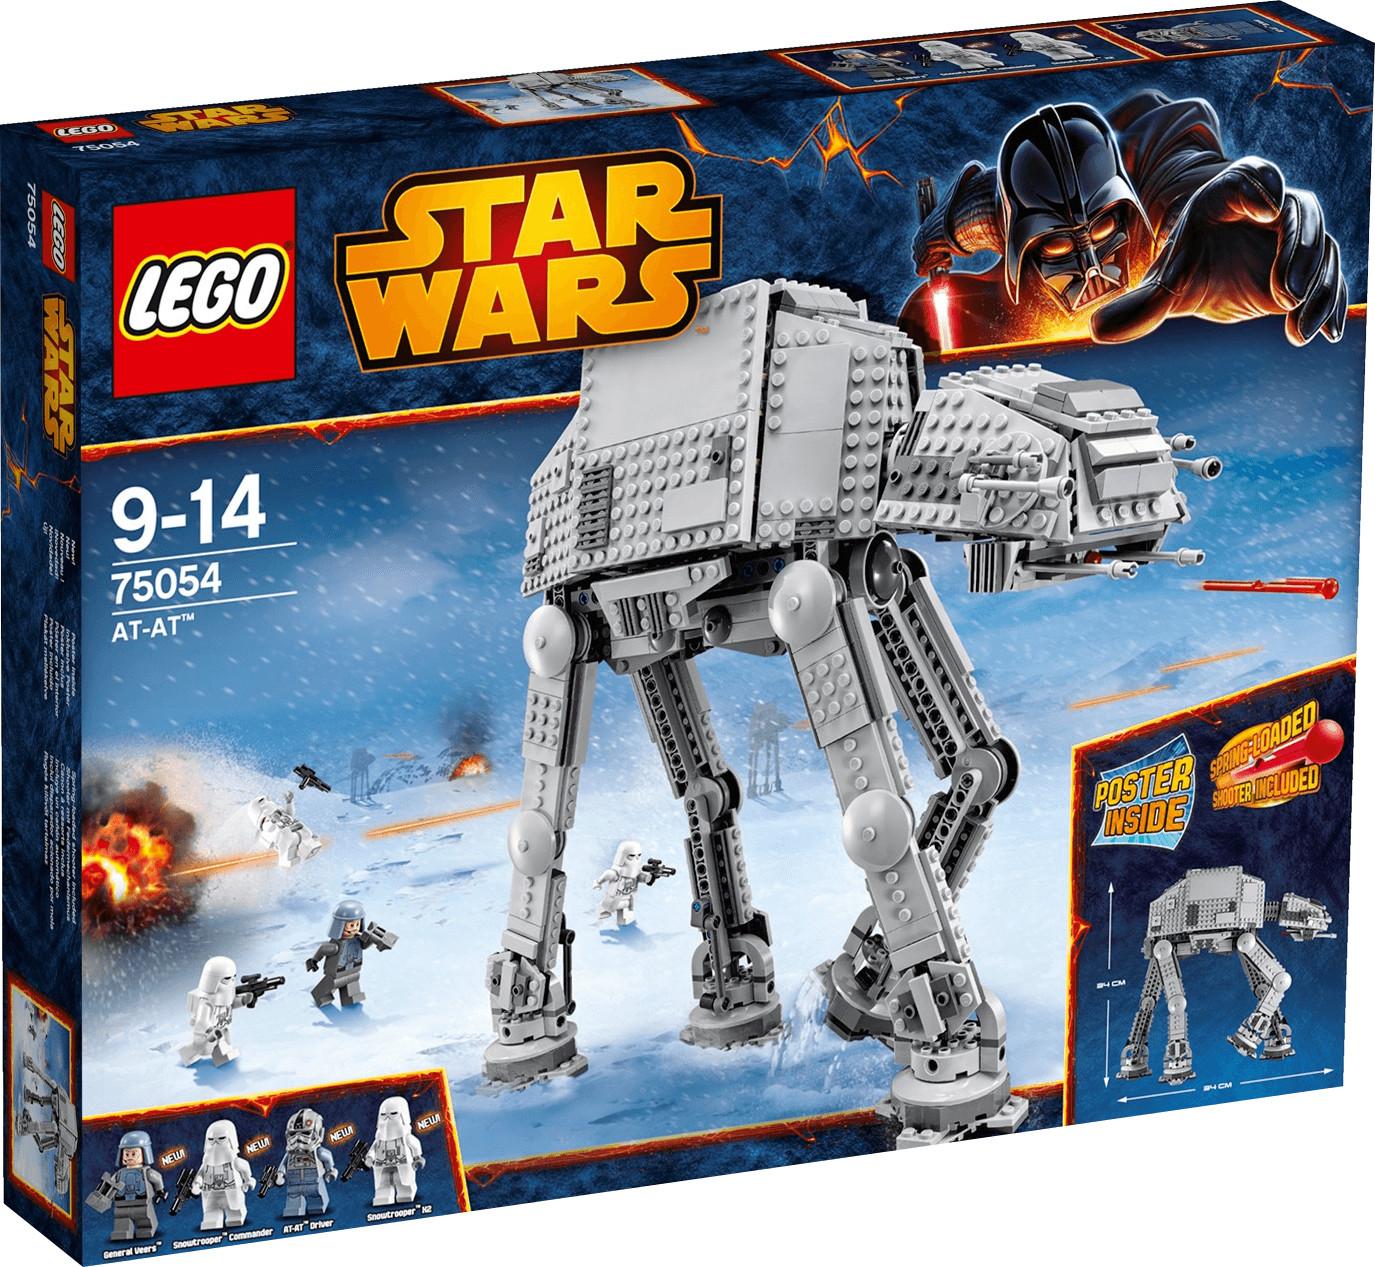 LEGO Star Wars - AT-AT (75054)